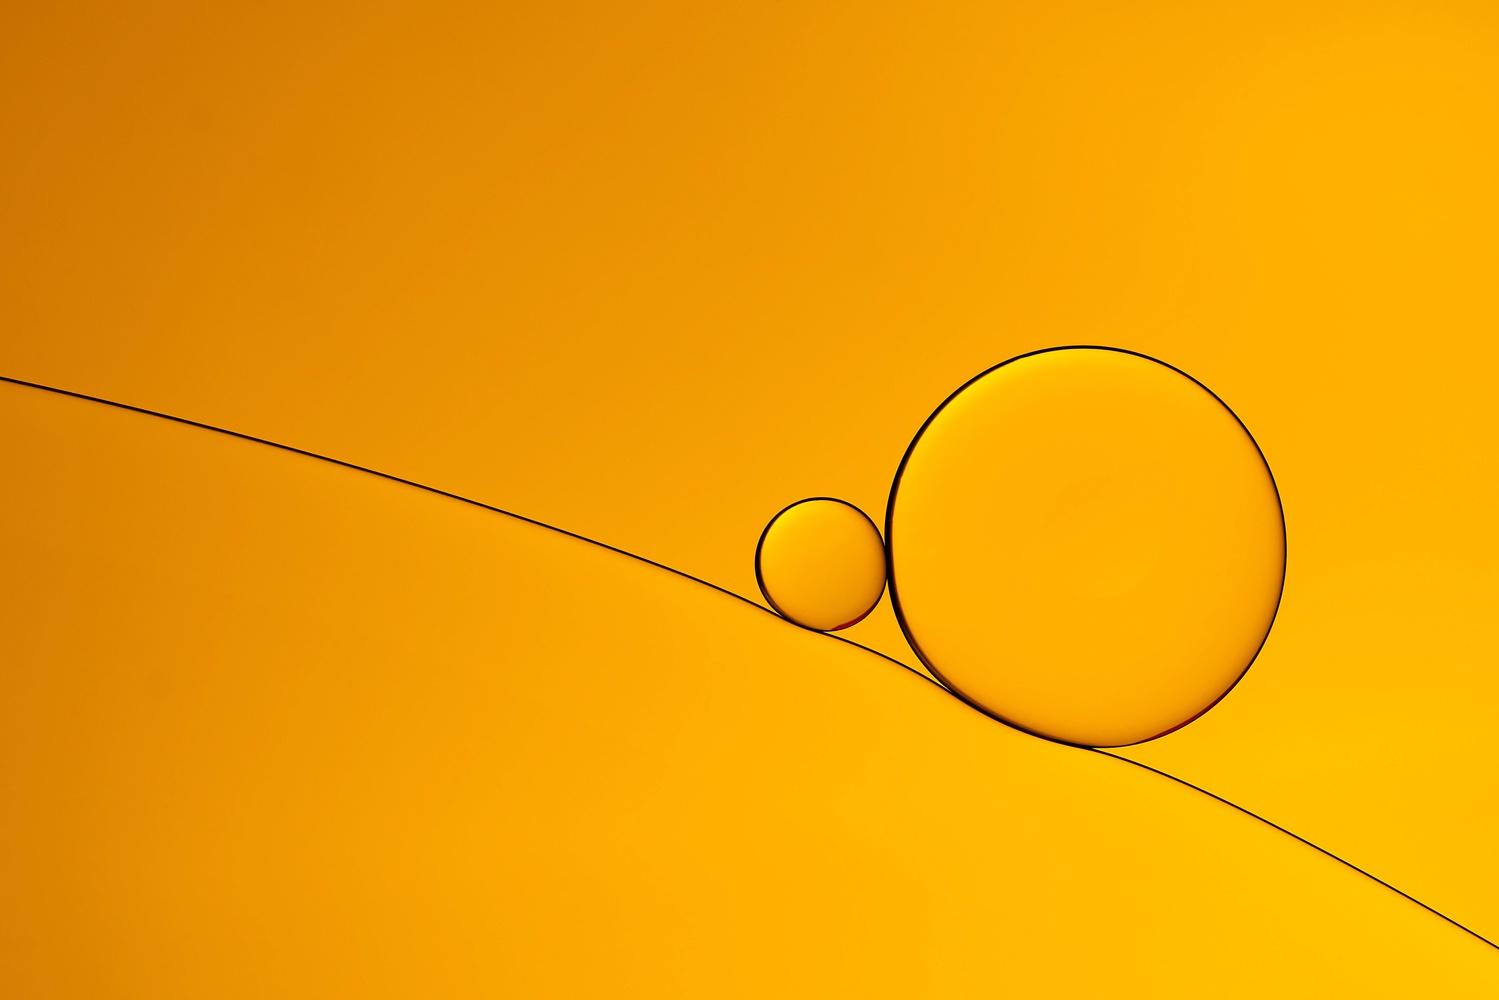 Oil on Water by Hans van Voorst